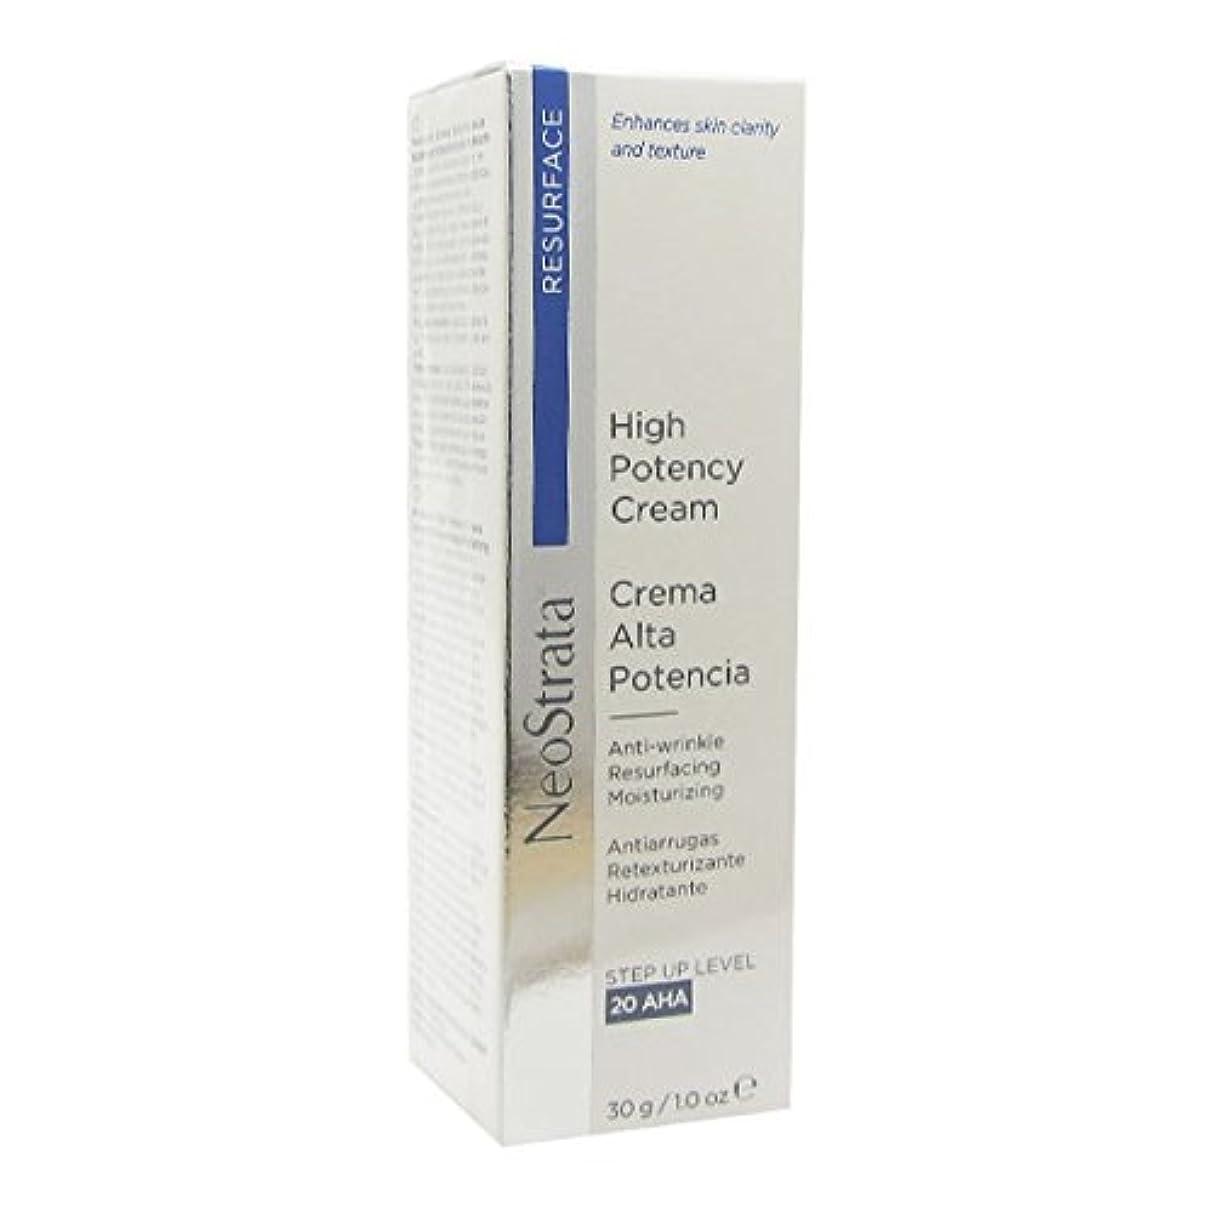 排他的アイスクリーム改修するNeostrata High Potency Cream Anti-wrinkle Resurfacing Moisturizing 30g [並行輸入品]